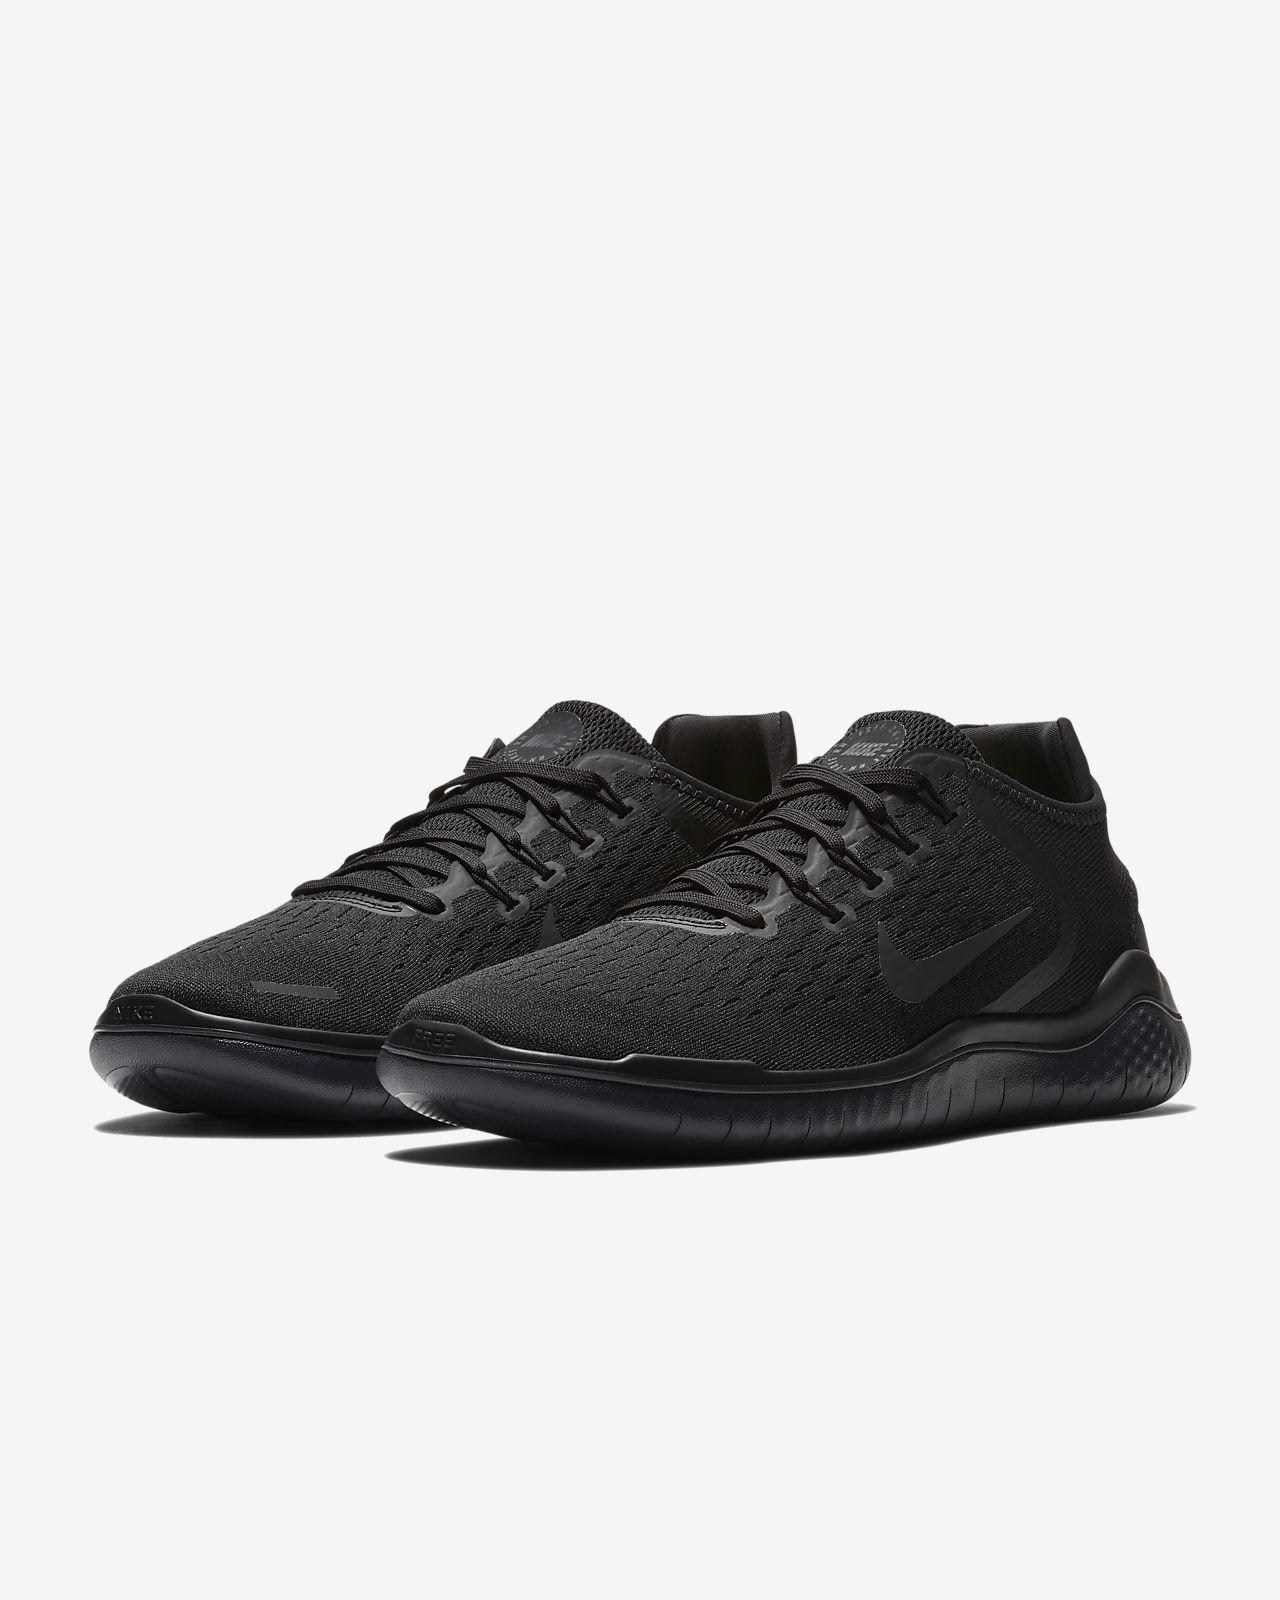 da5a96e0bb31d Nike Free RN 2018 Men's Running Shoe. Nike.com IN